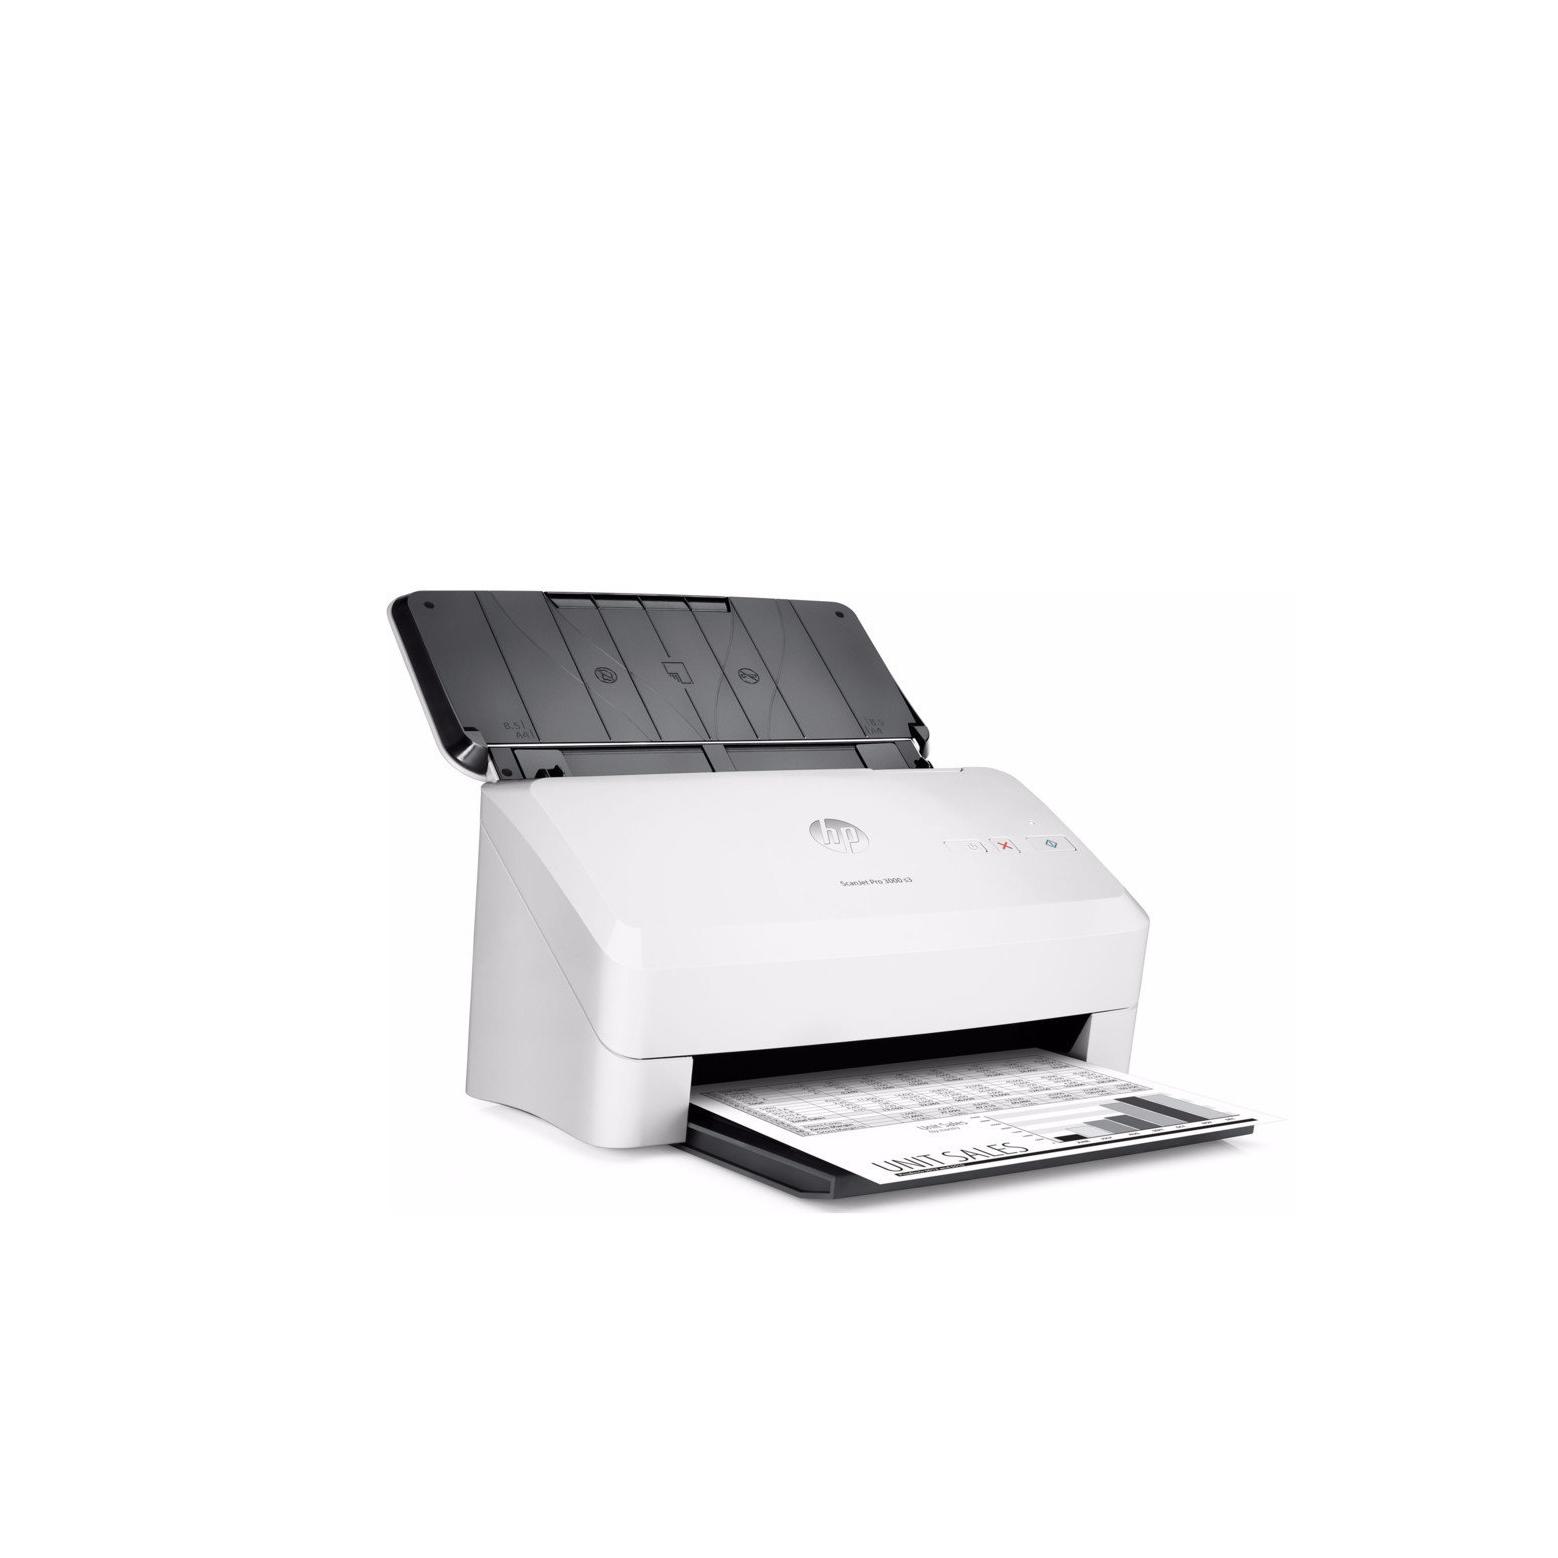 Скоростной - протяжный сканер ScanJet Ent Flw 7000s3 L2757A